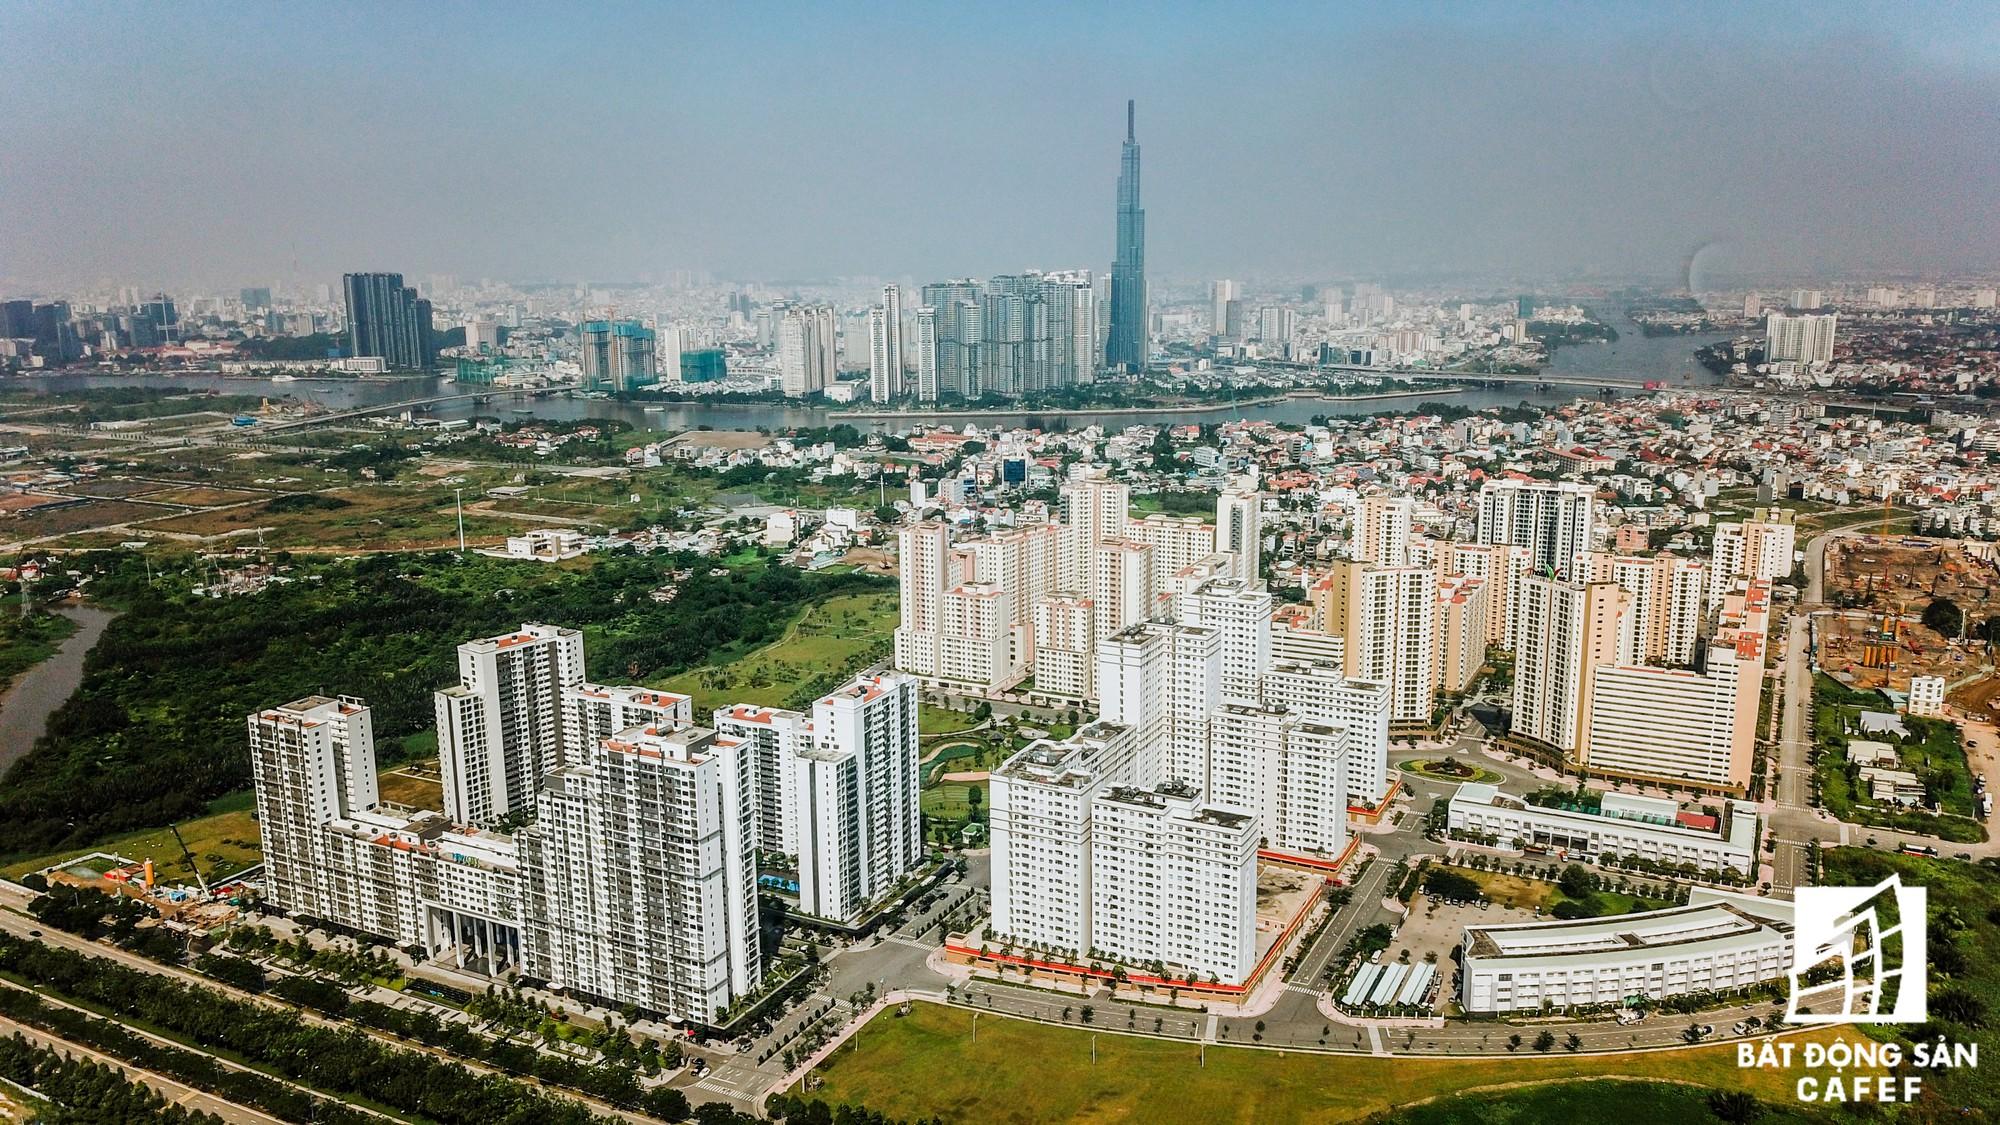 Toàn cảnh khu tái định cư đồ sộ nhất TPHCM, chục nghìn căn hộ không ai ở, bán đấu giá nhiều lần thất bại - Ảnh 22.